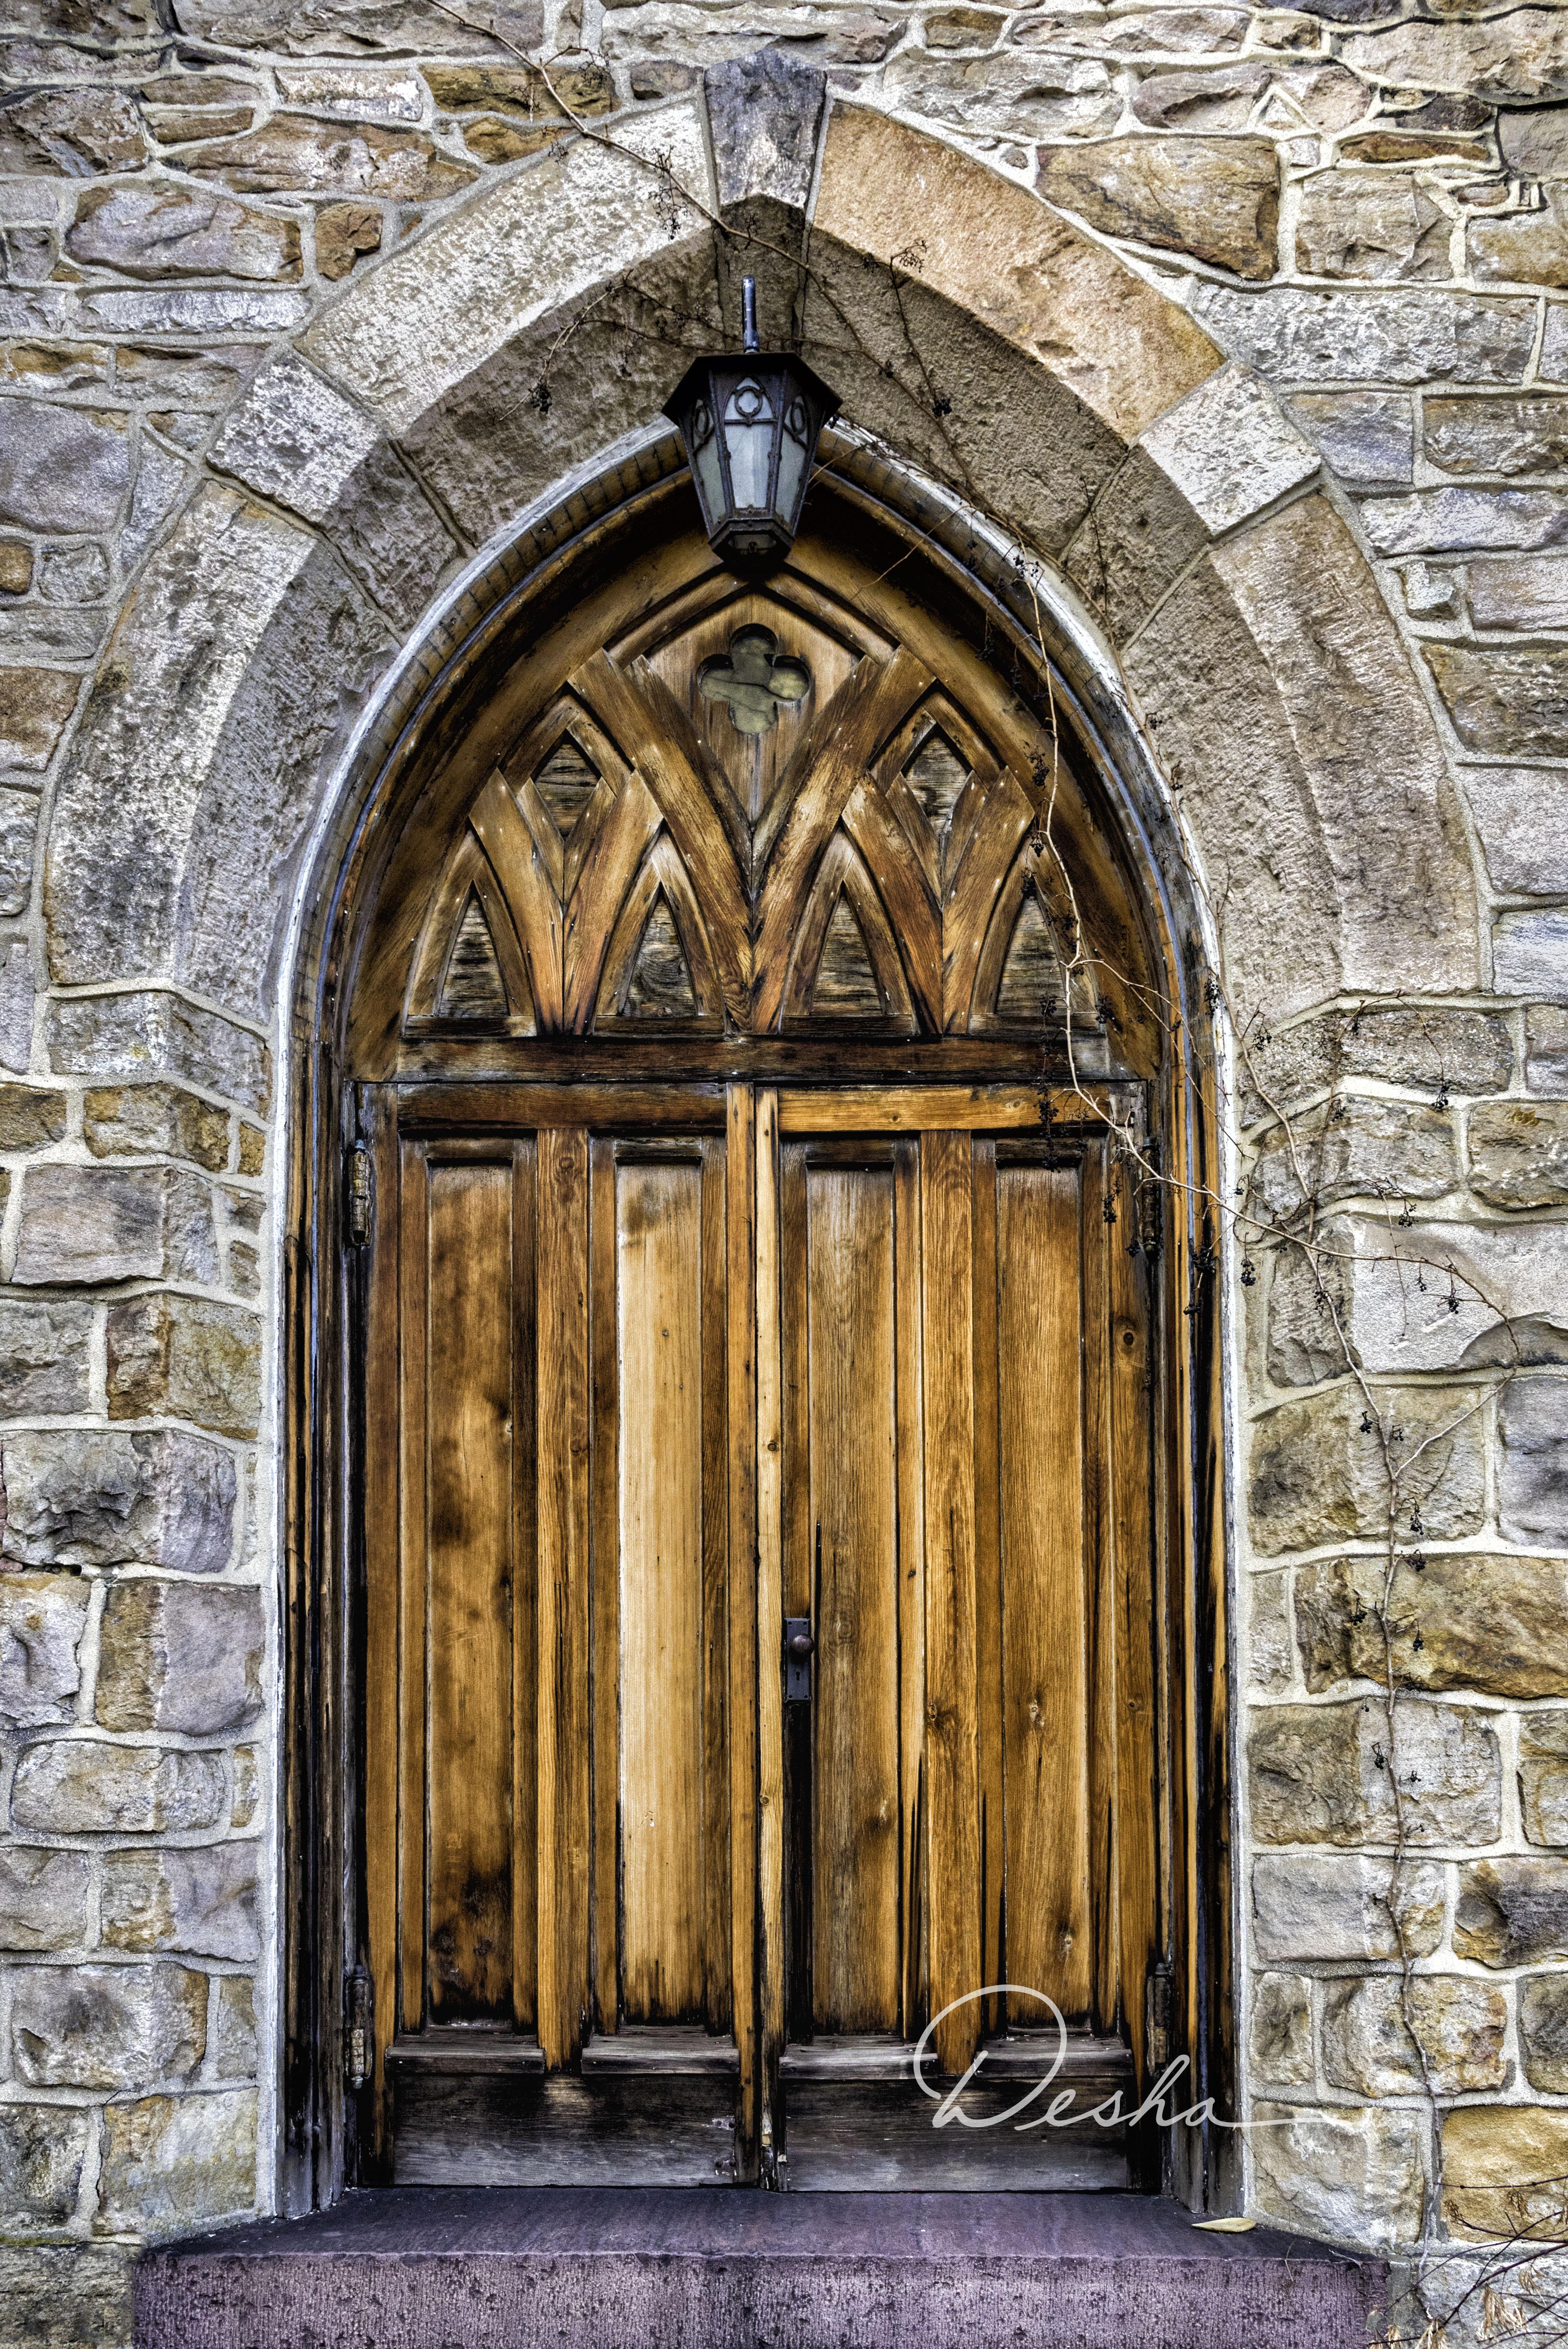 St. John's Door